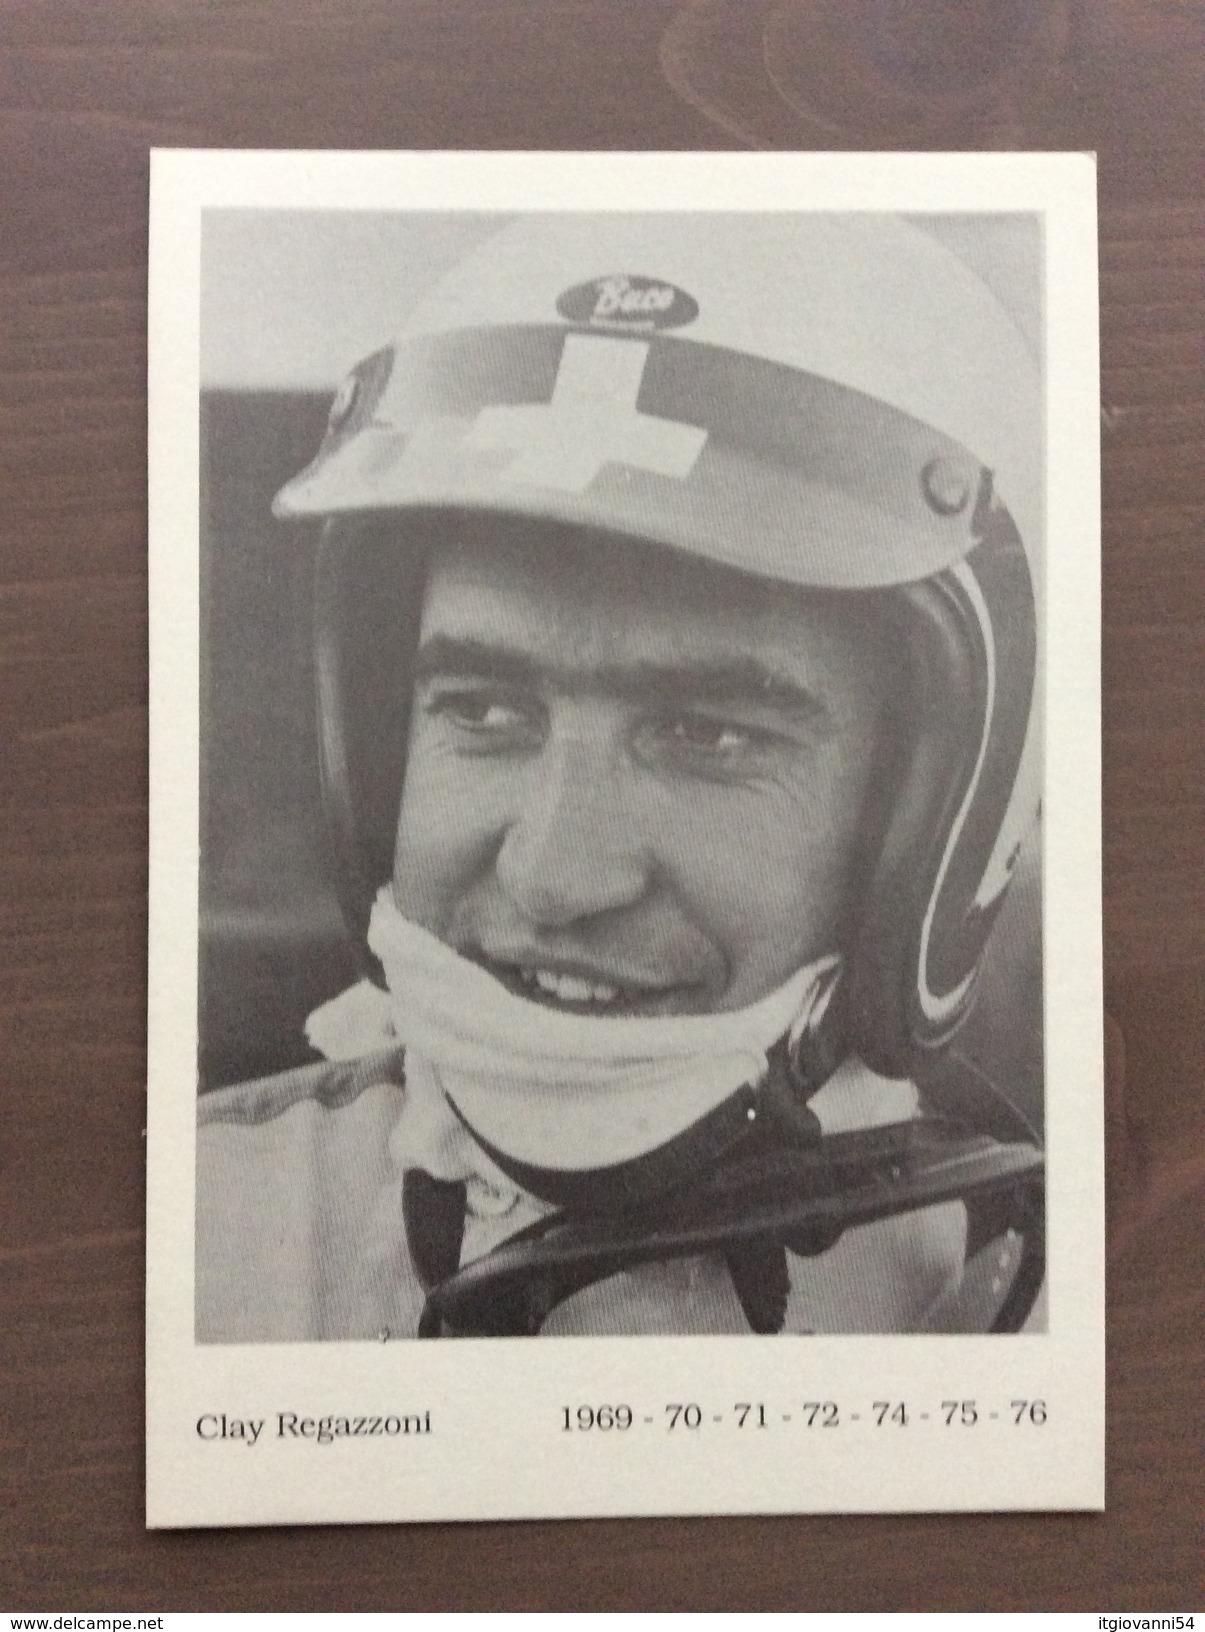 Fotografia Tipo Cartolina Del Pilota Ferrari F1 Clay Regazzoni Negli Anni 1969-70-71-72-74-75-76 - Grand Prix / F1